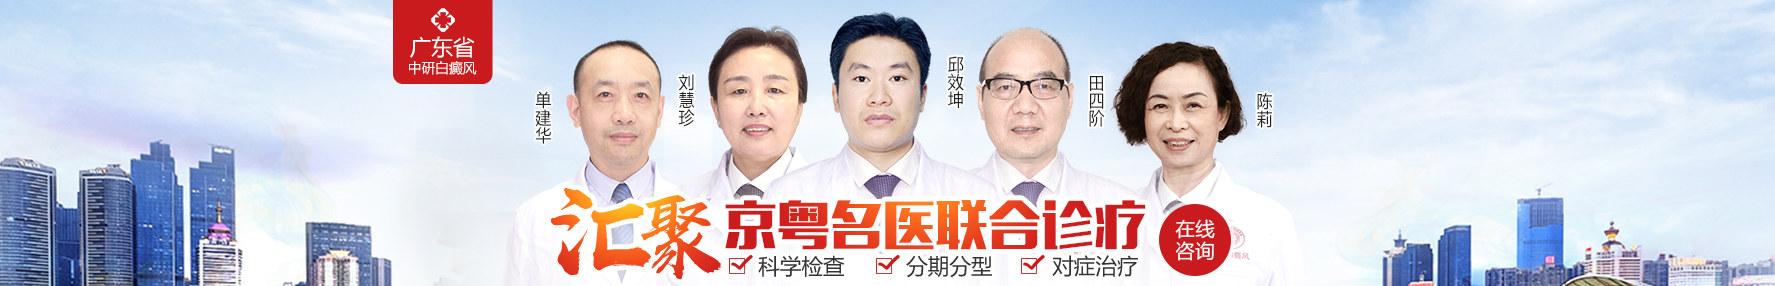 广东白癜风医院